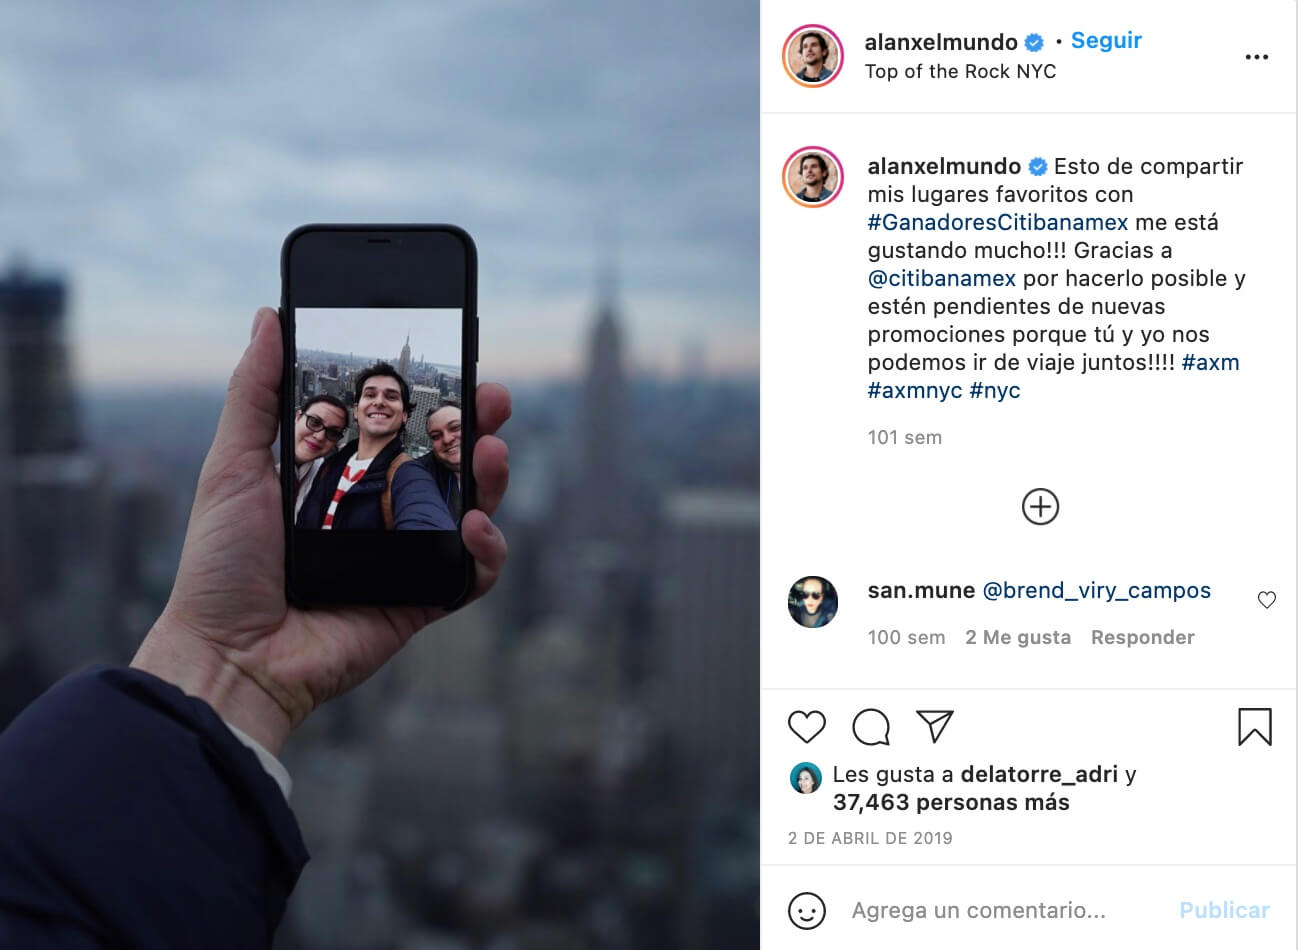 Influencers que promocionan marcas, Alan Estrada con Banamex